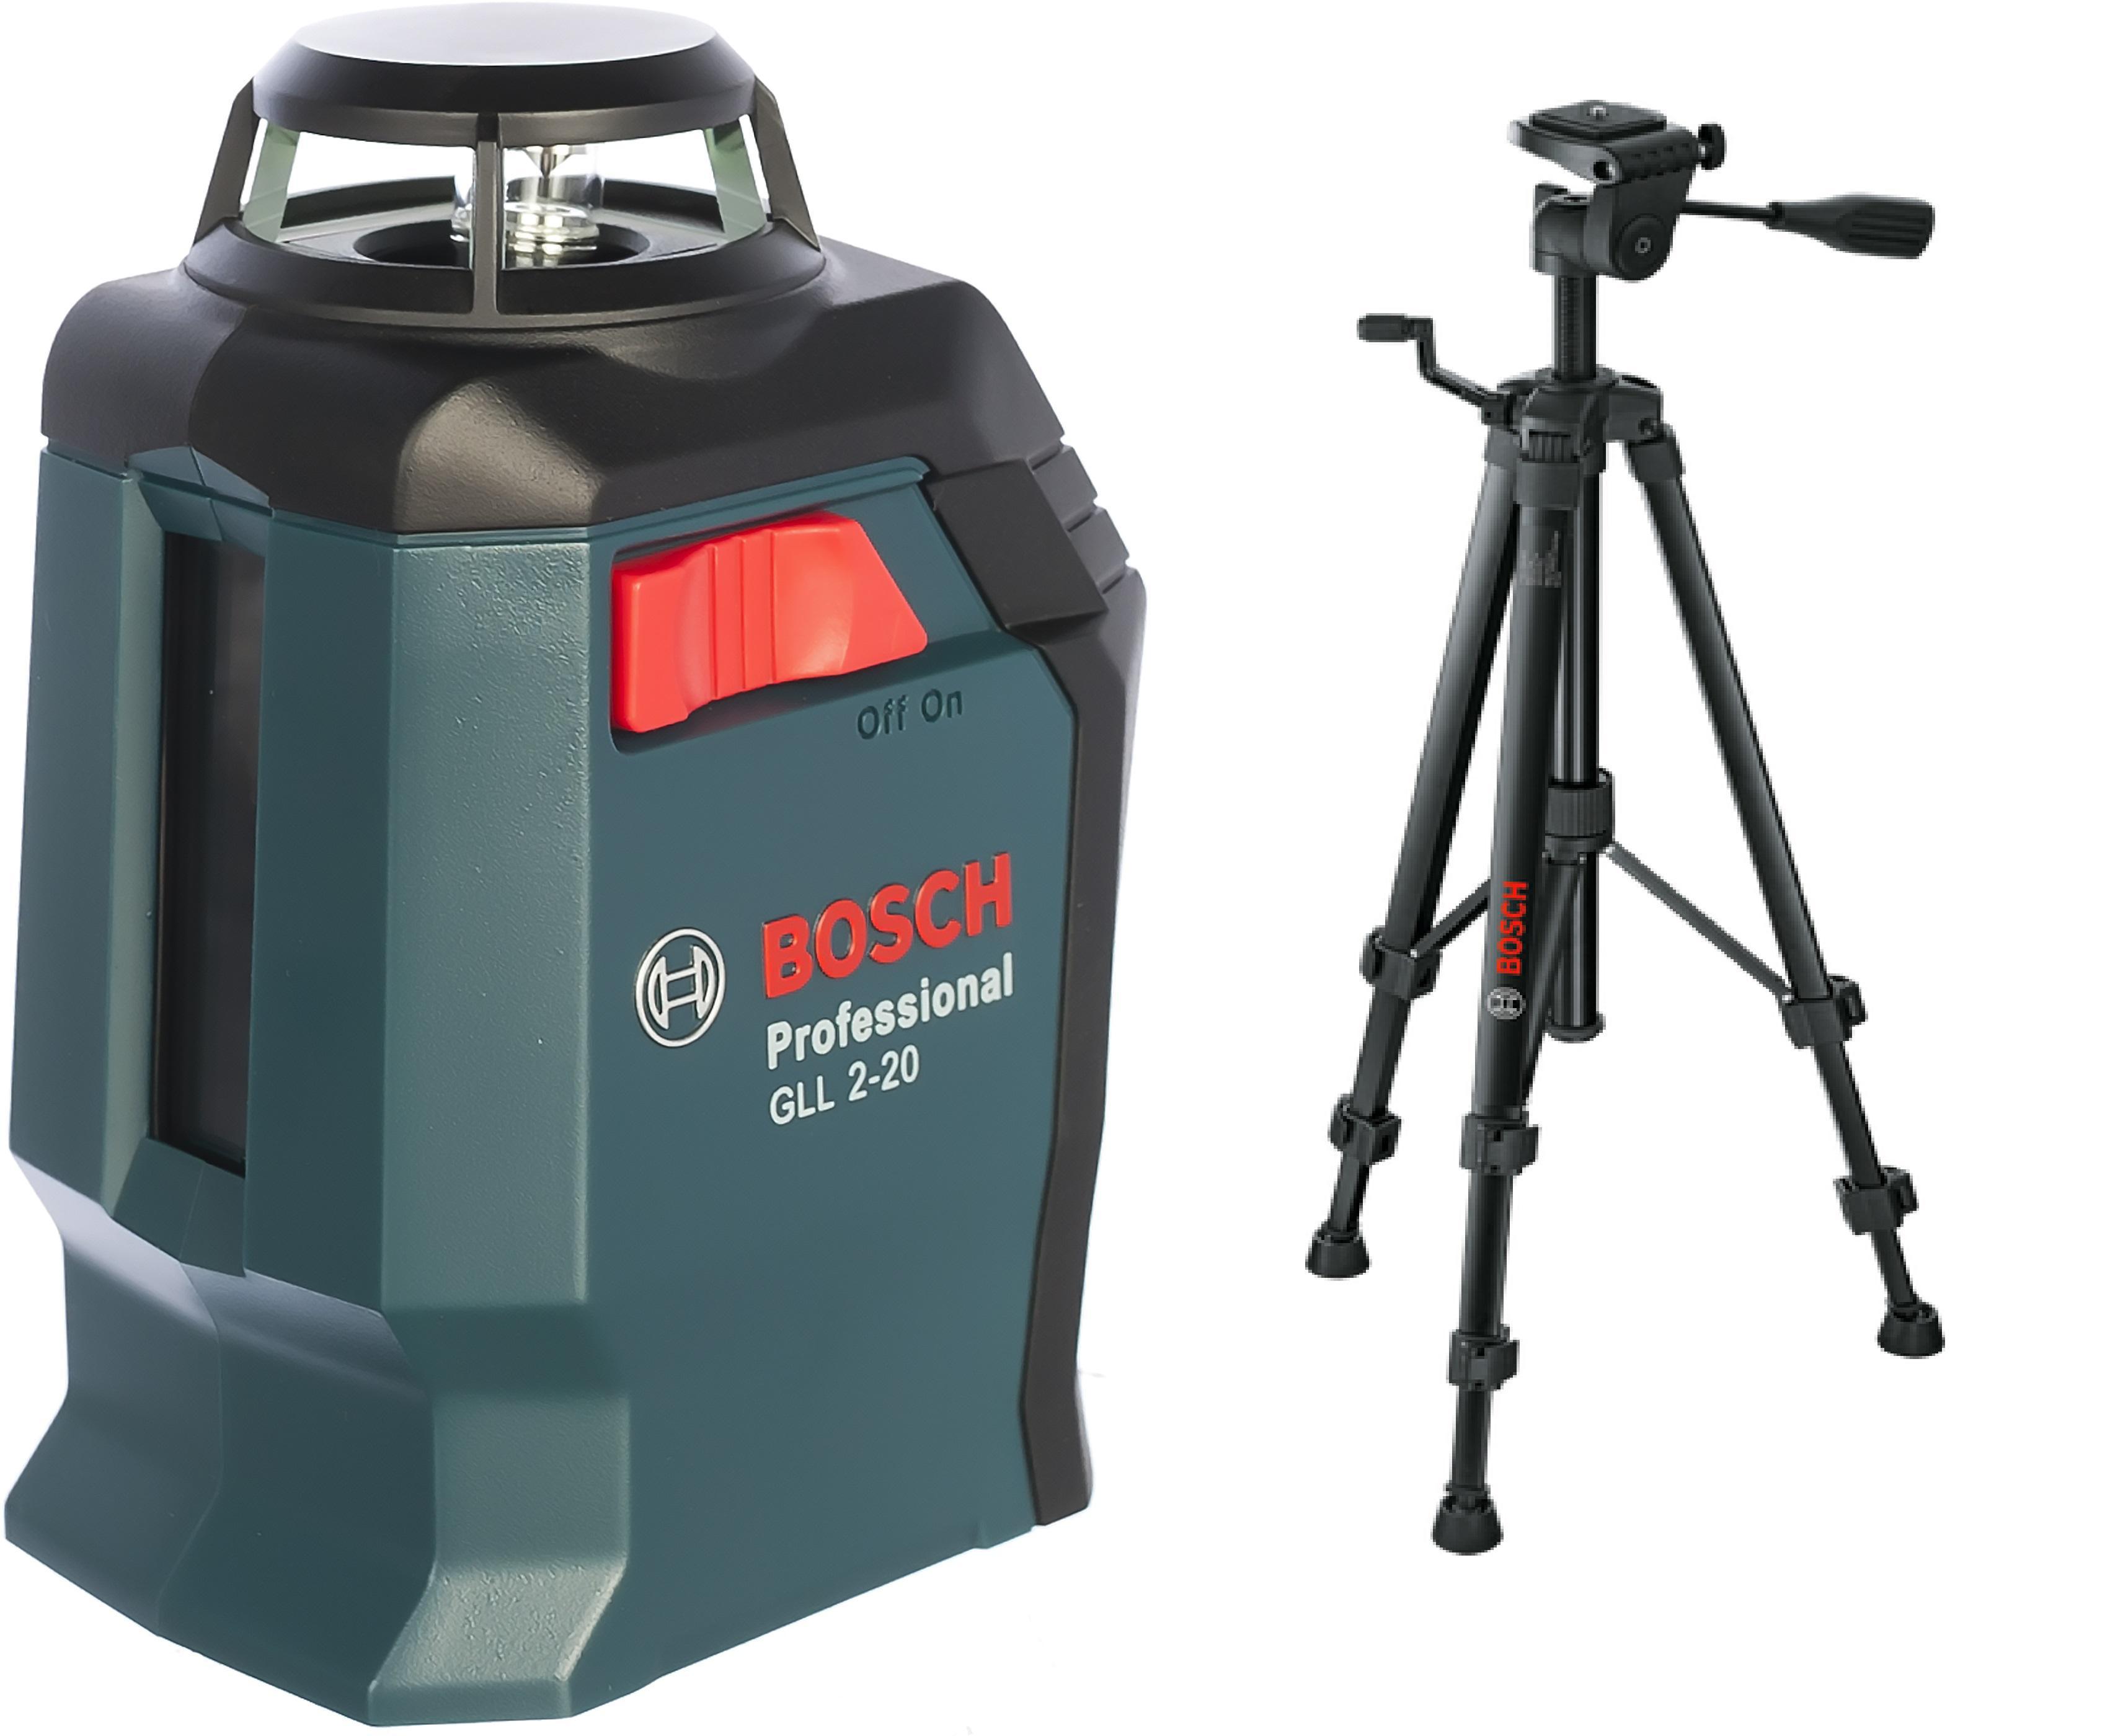 Уровень Bosch Gll 2-20 + bm3 + кейс + штатив bt150 В ПОДАРОК